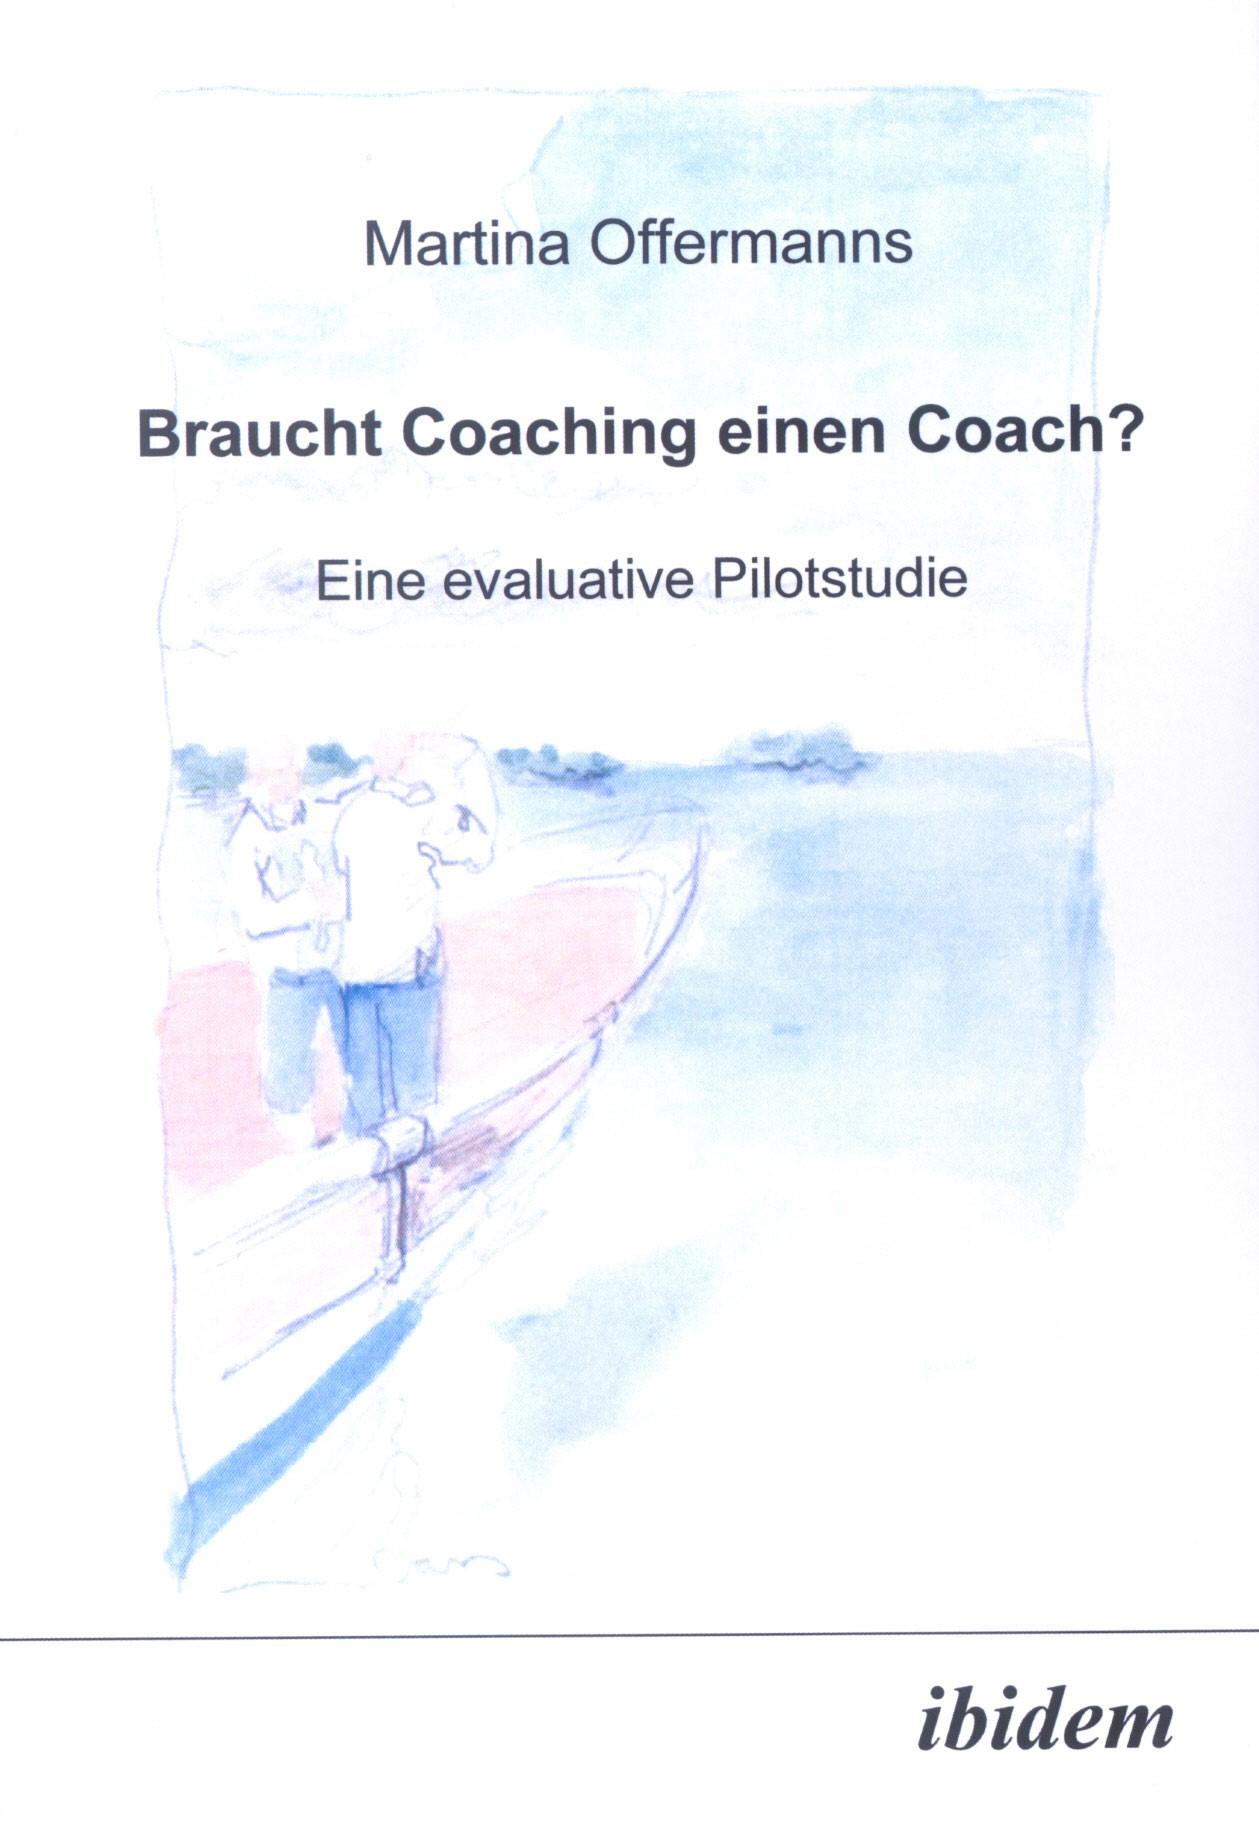 Braucht Coaching einen Coach? Eine evaluative Pilotstudie   Offermanns, 2004   Buch (Cover)